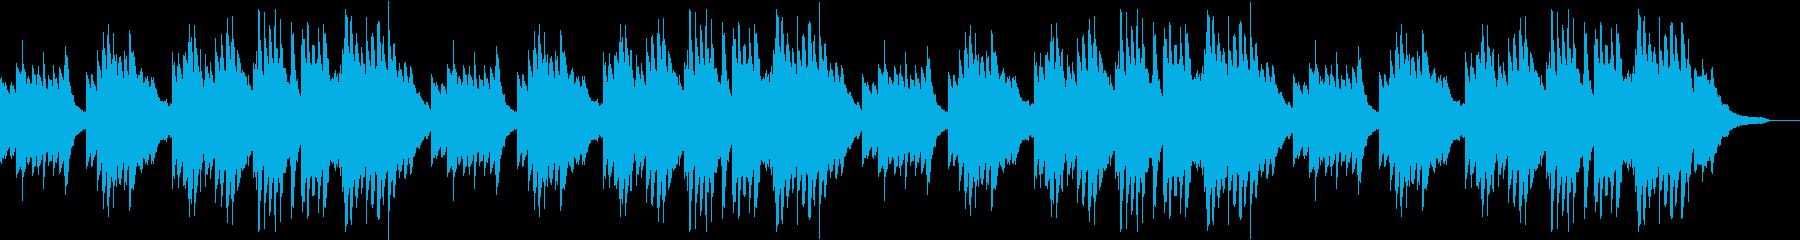 豊かな和音のうららかな秋のピアノBGMの再生済みの波形